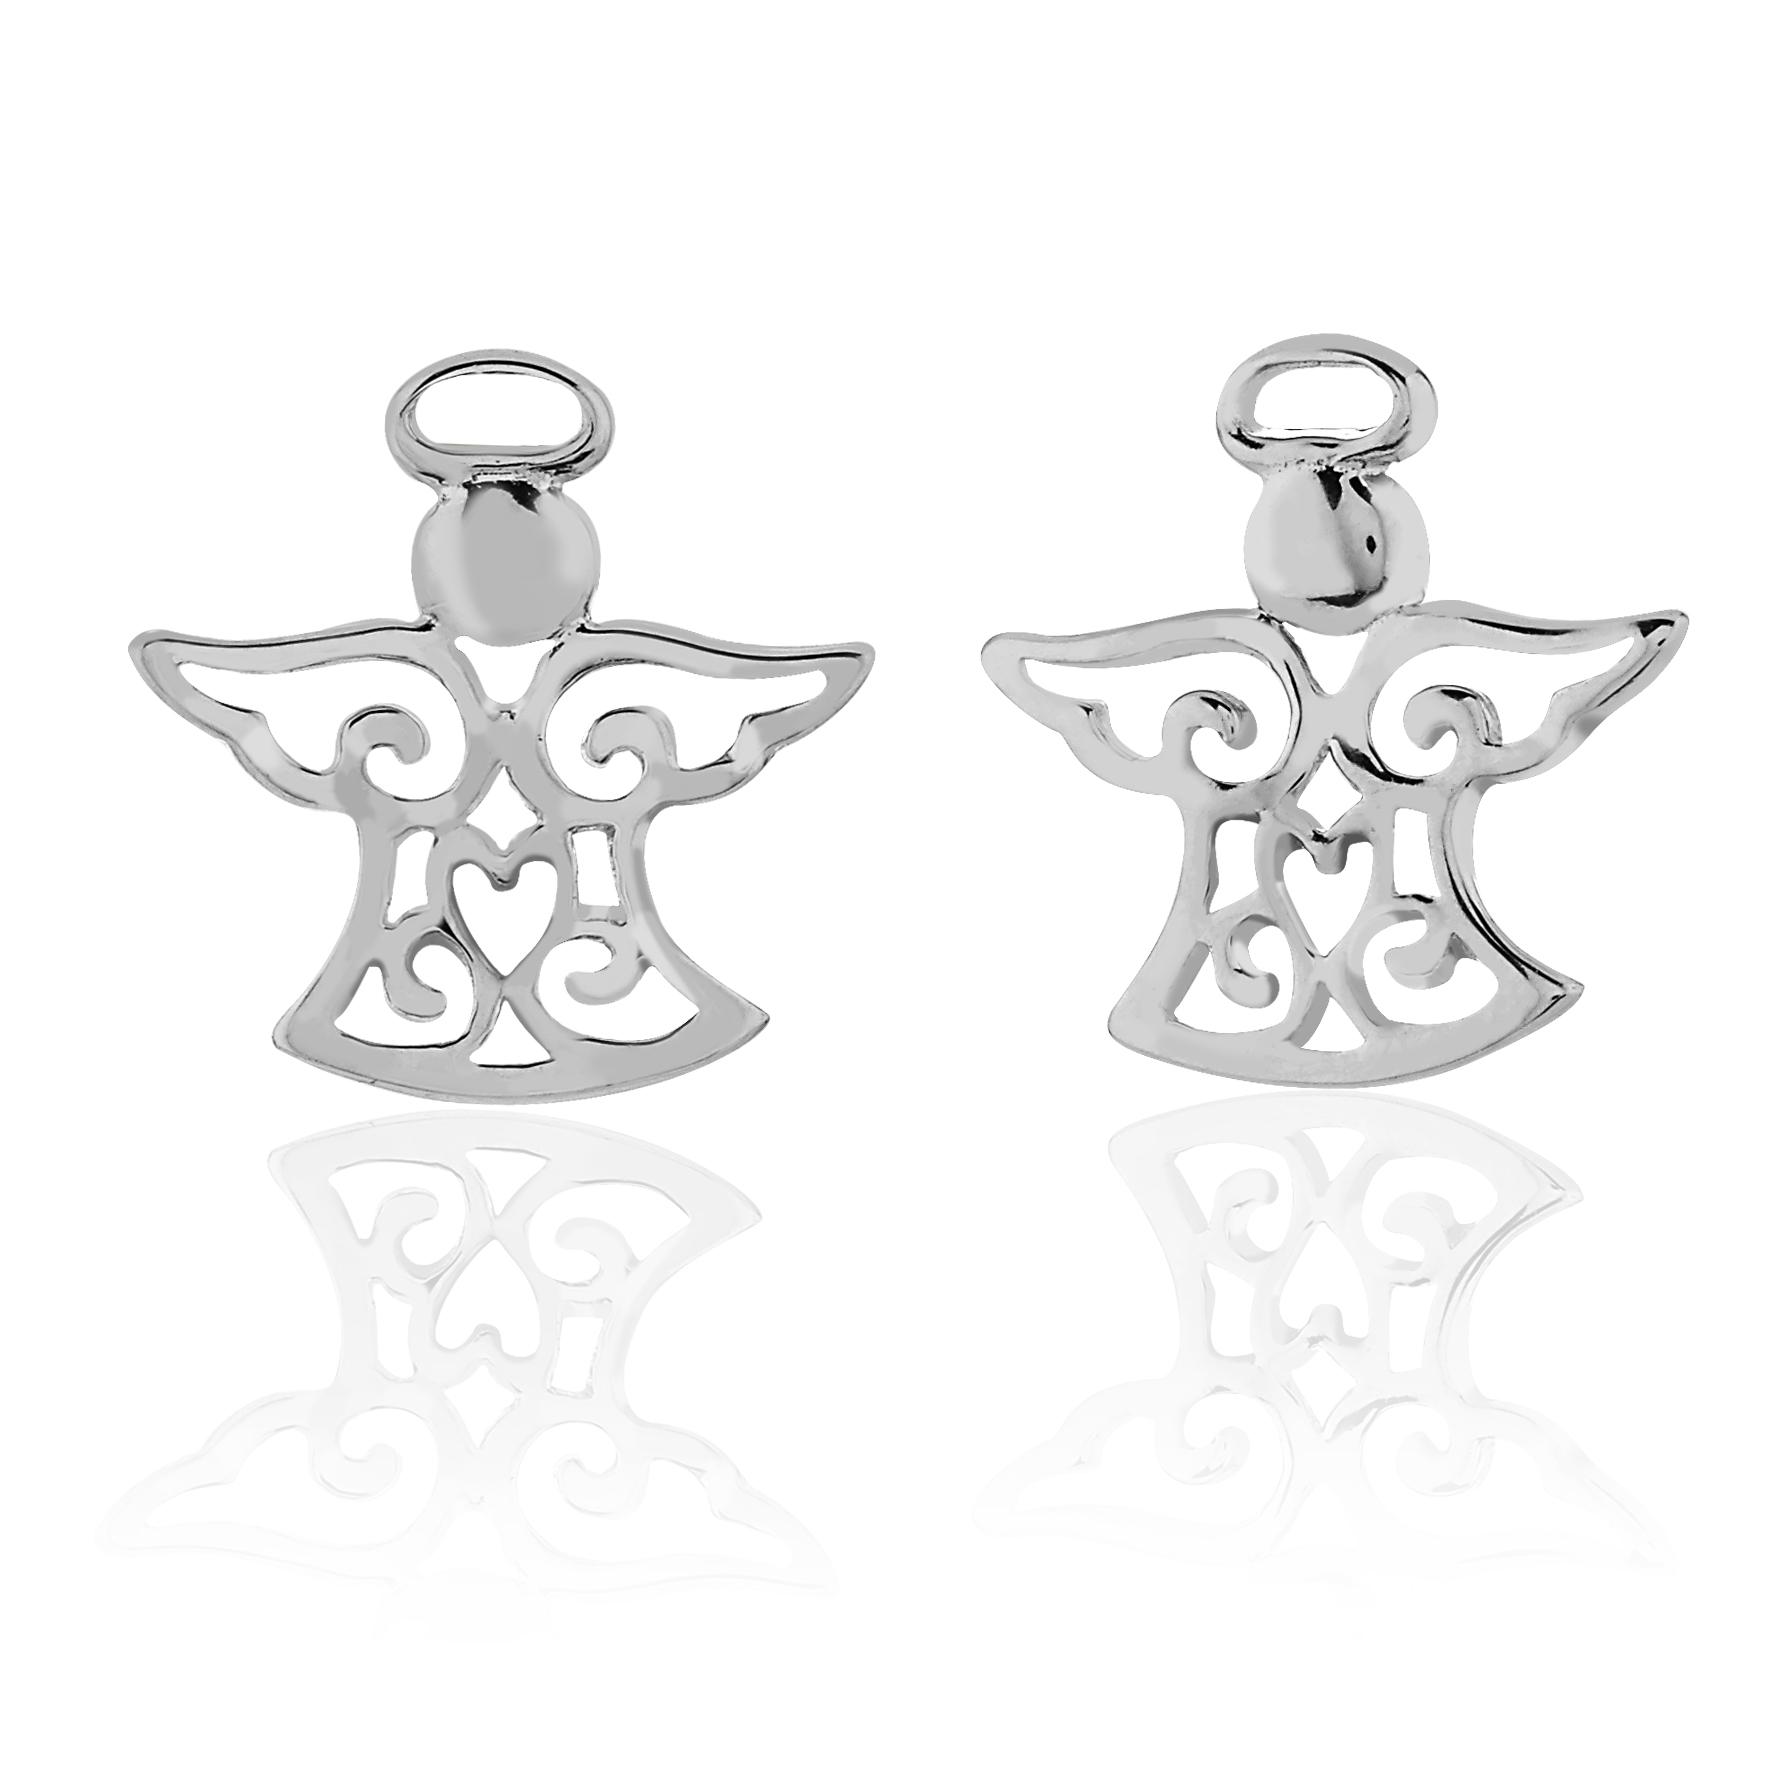 Children's 925 Sterling Silver Filigree Angel Stud Earrings, Nickel Free